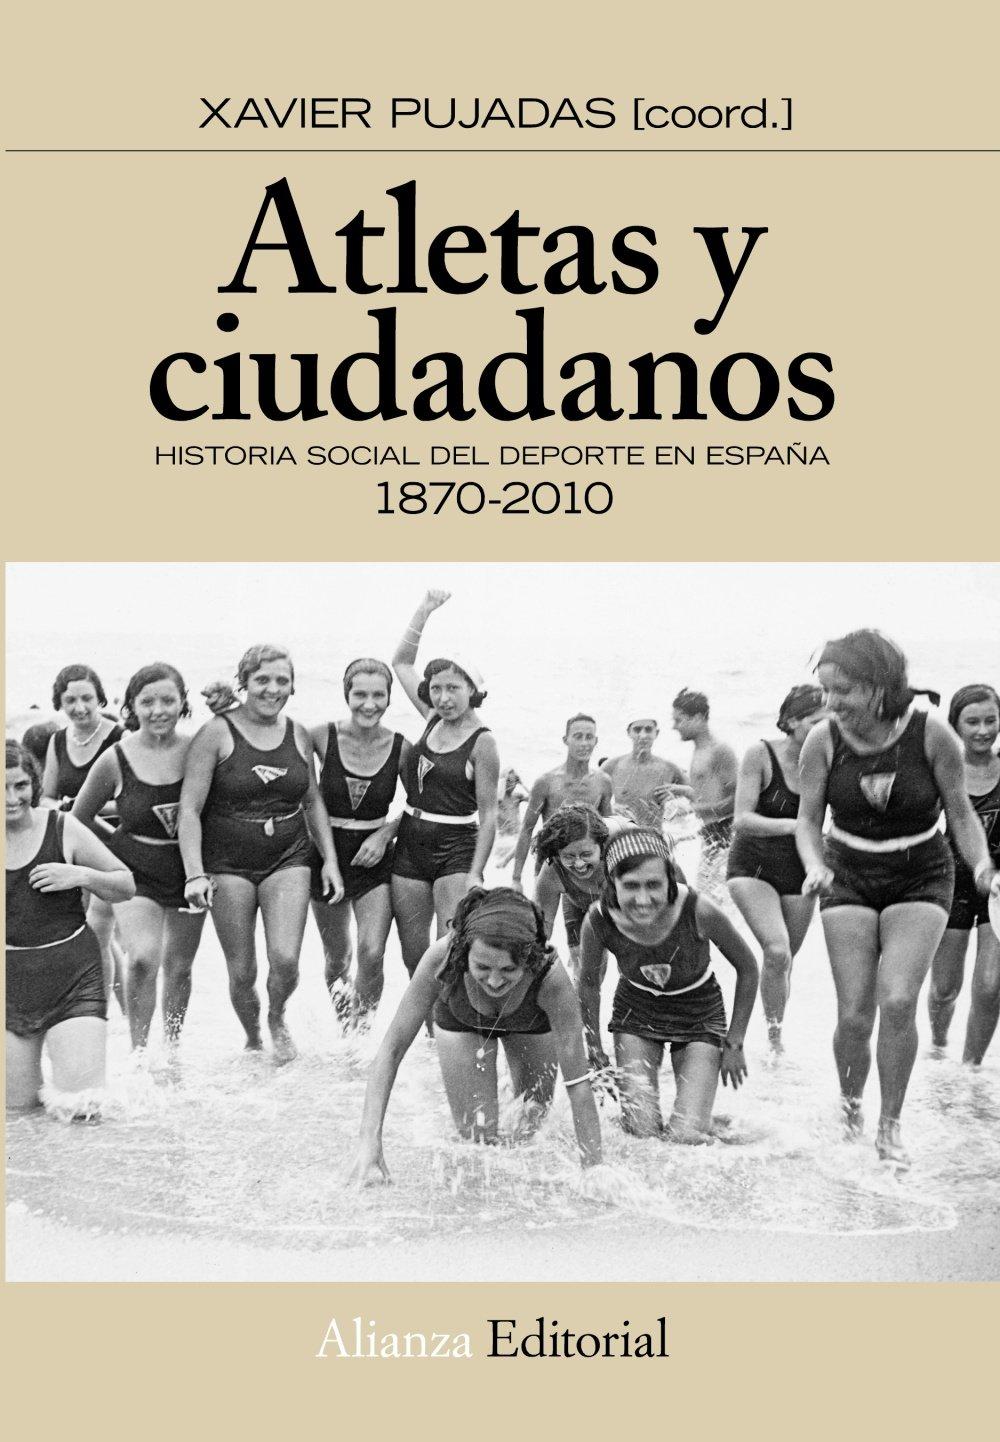 Atletas y ciudadanos: Historia social del deporte en España Alianza Ensayo: Amazon.es: Pujadas, Xavier: Libros